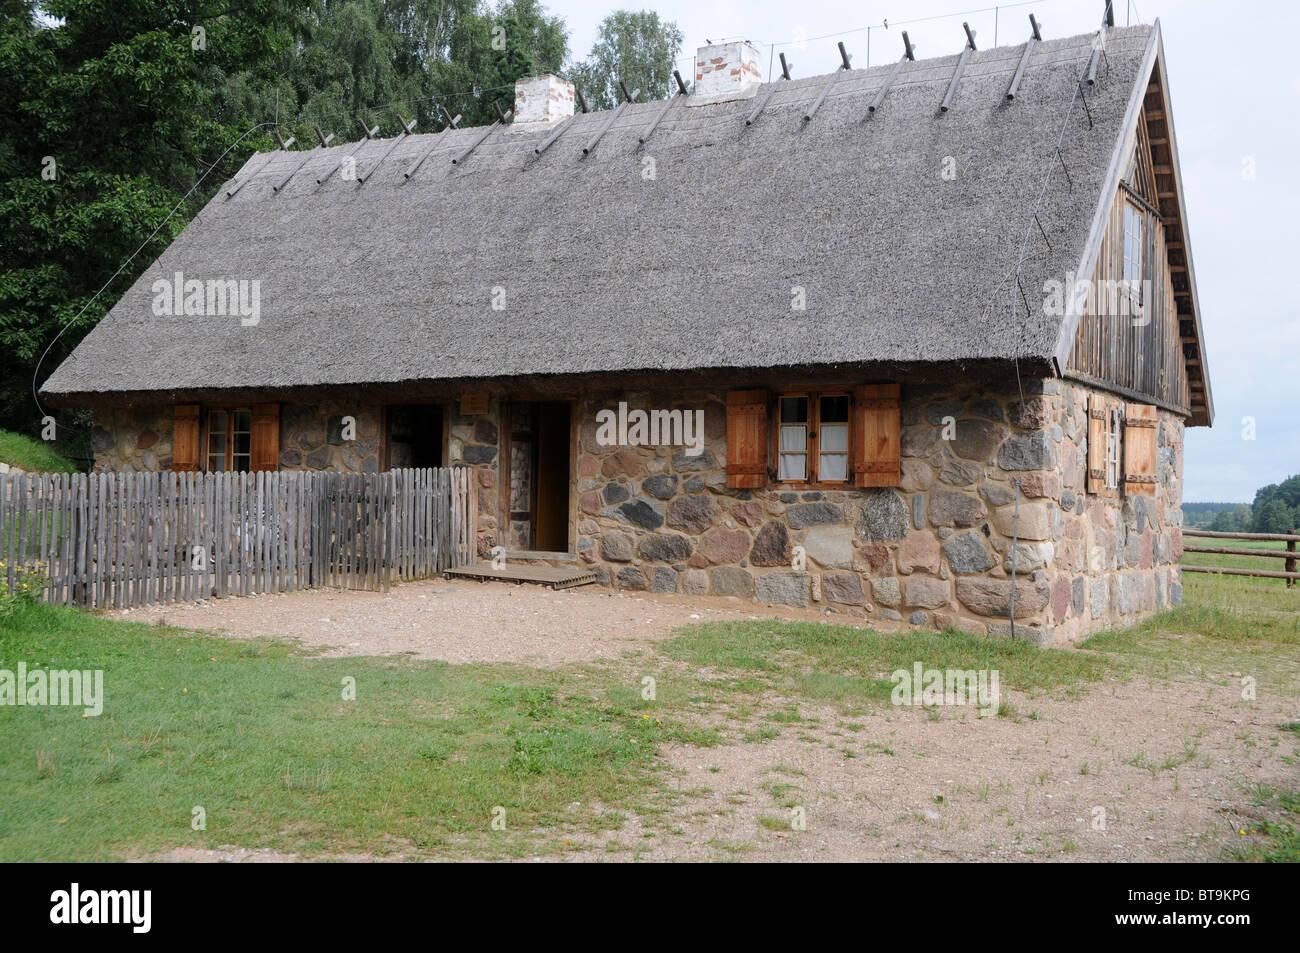 Gehöft Aus Masuren, Anfang Des 19. Jahrhunderts Haus Aus Stein Mit  Reetdach, Ethnographische Park In Olsztynek, Polen